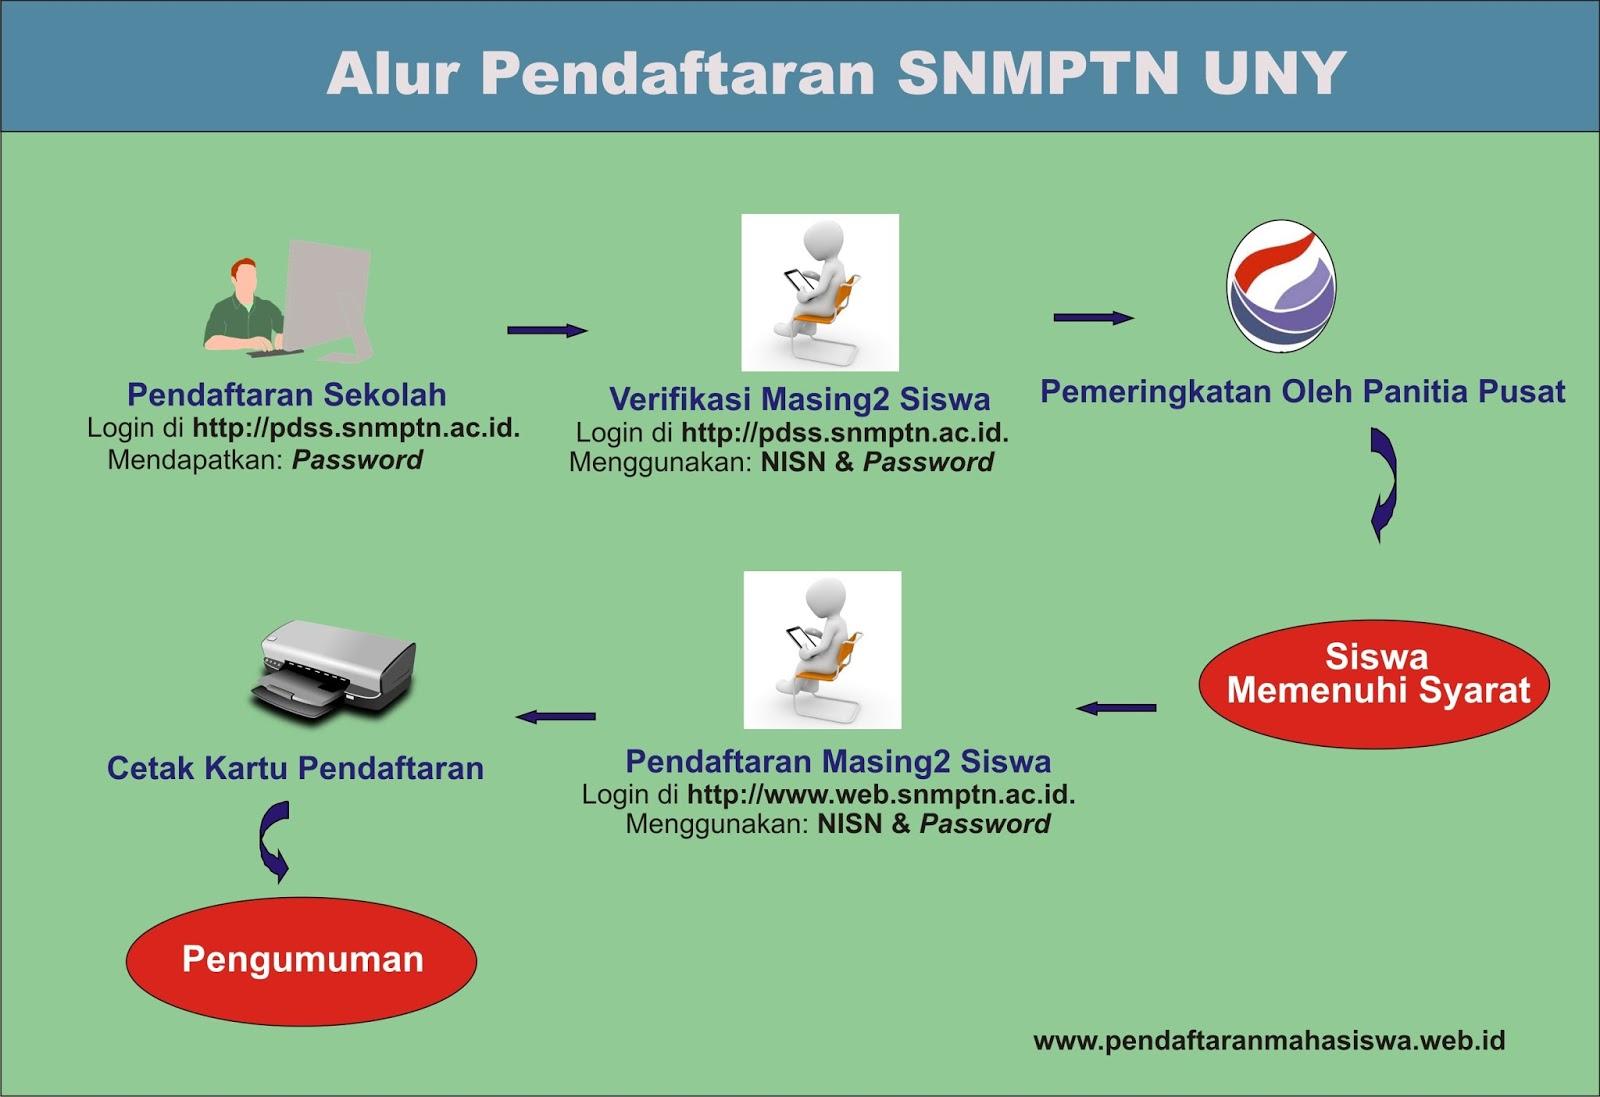 Image Result For Jadwal Pengumuman Hasil Seleksi Snmptn Maret Dan Panduan Pendaftaran Snmptn